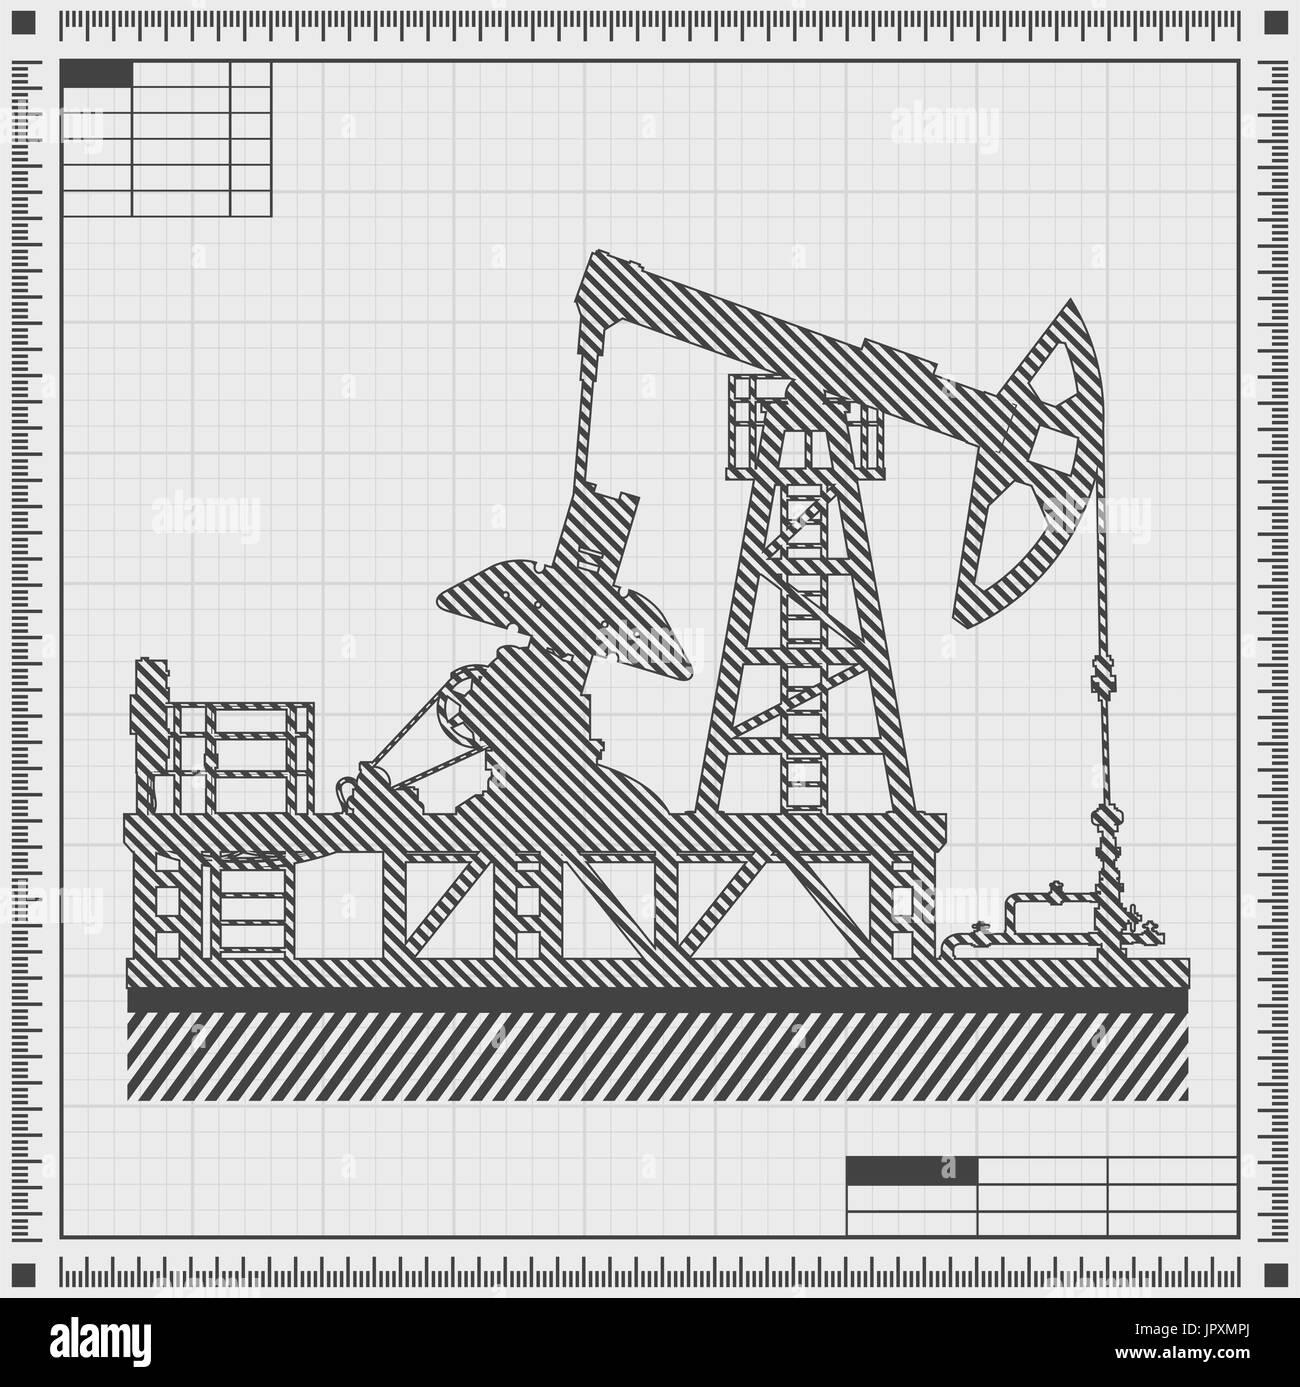 Line Pump Stockfotos & Line Pump Bilder - Alamy